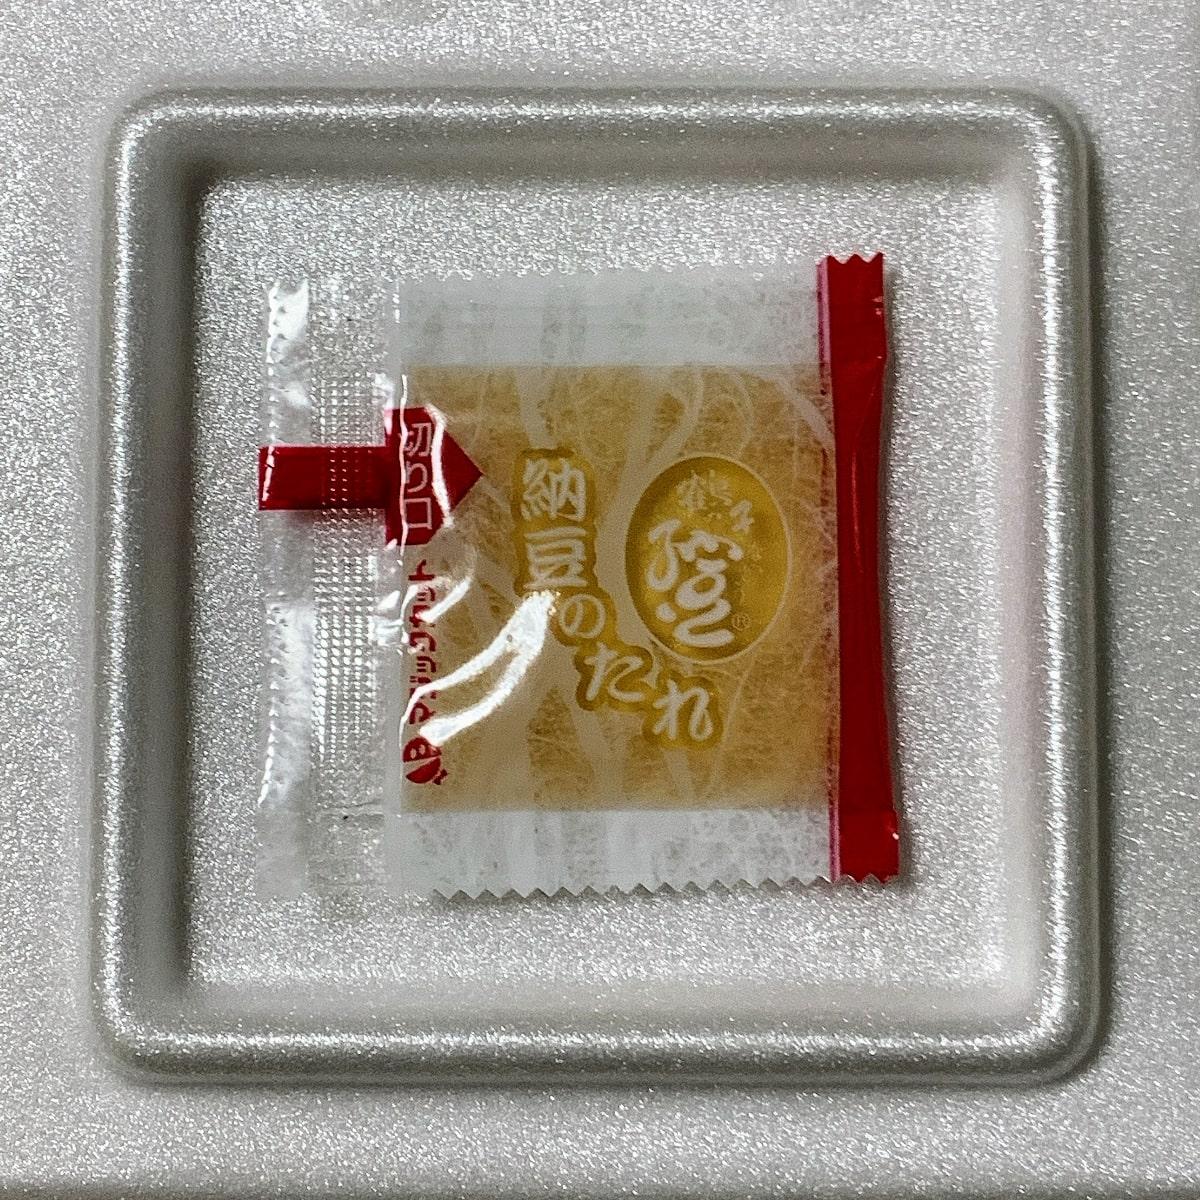 「京の白だし納豆」のたれの画像